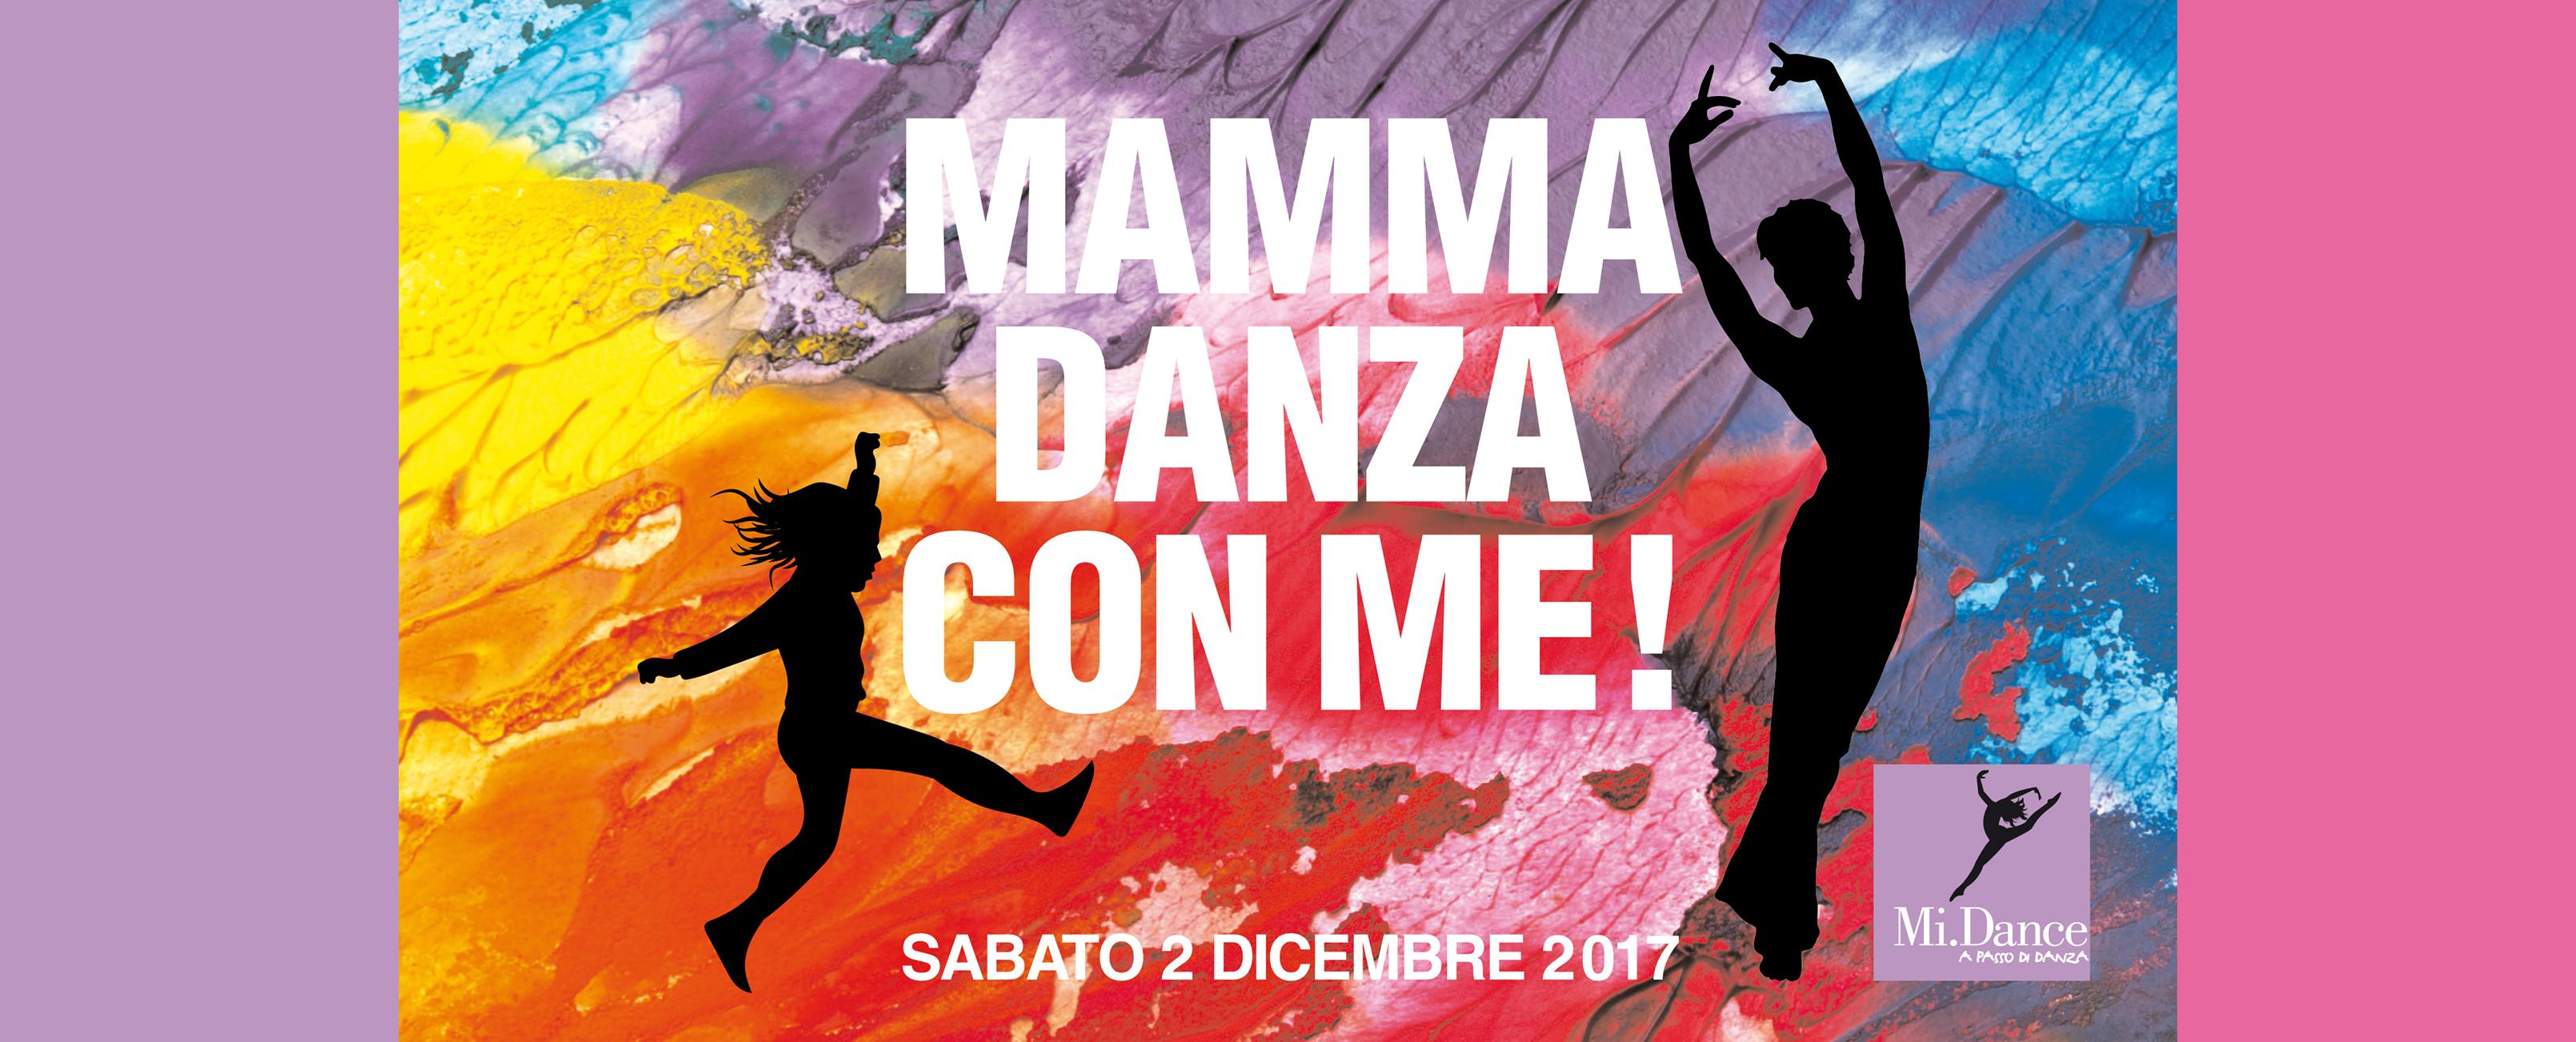 Mi.Dance - Danza - Mamma Danza con me